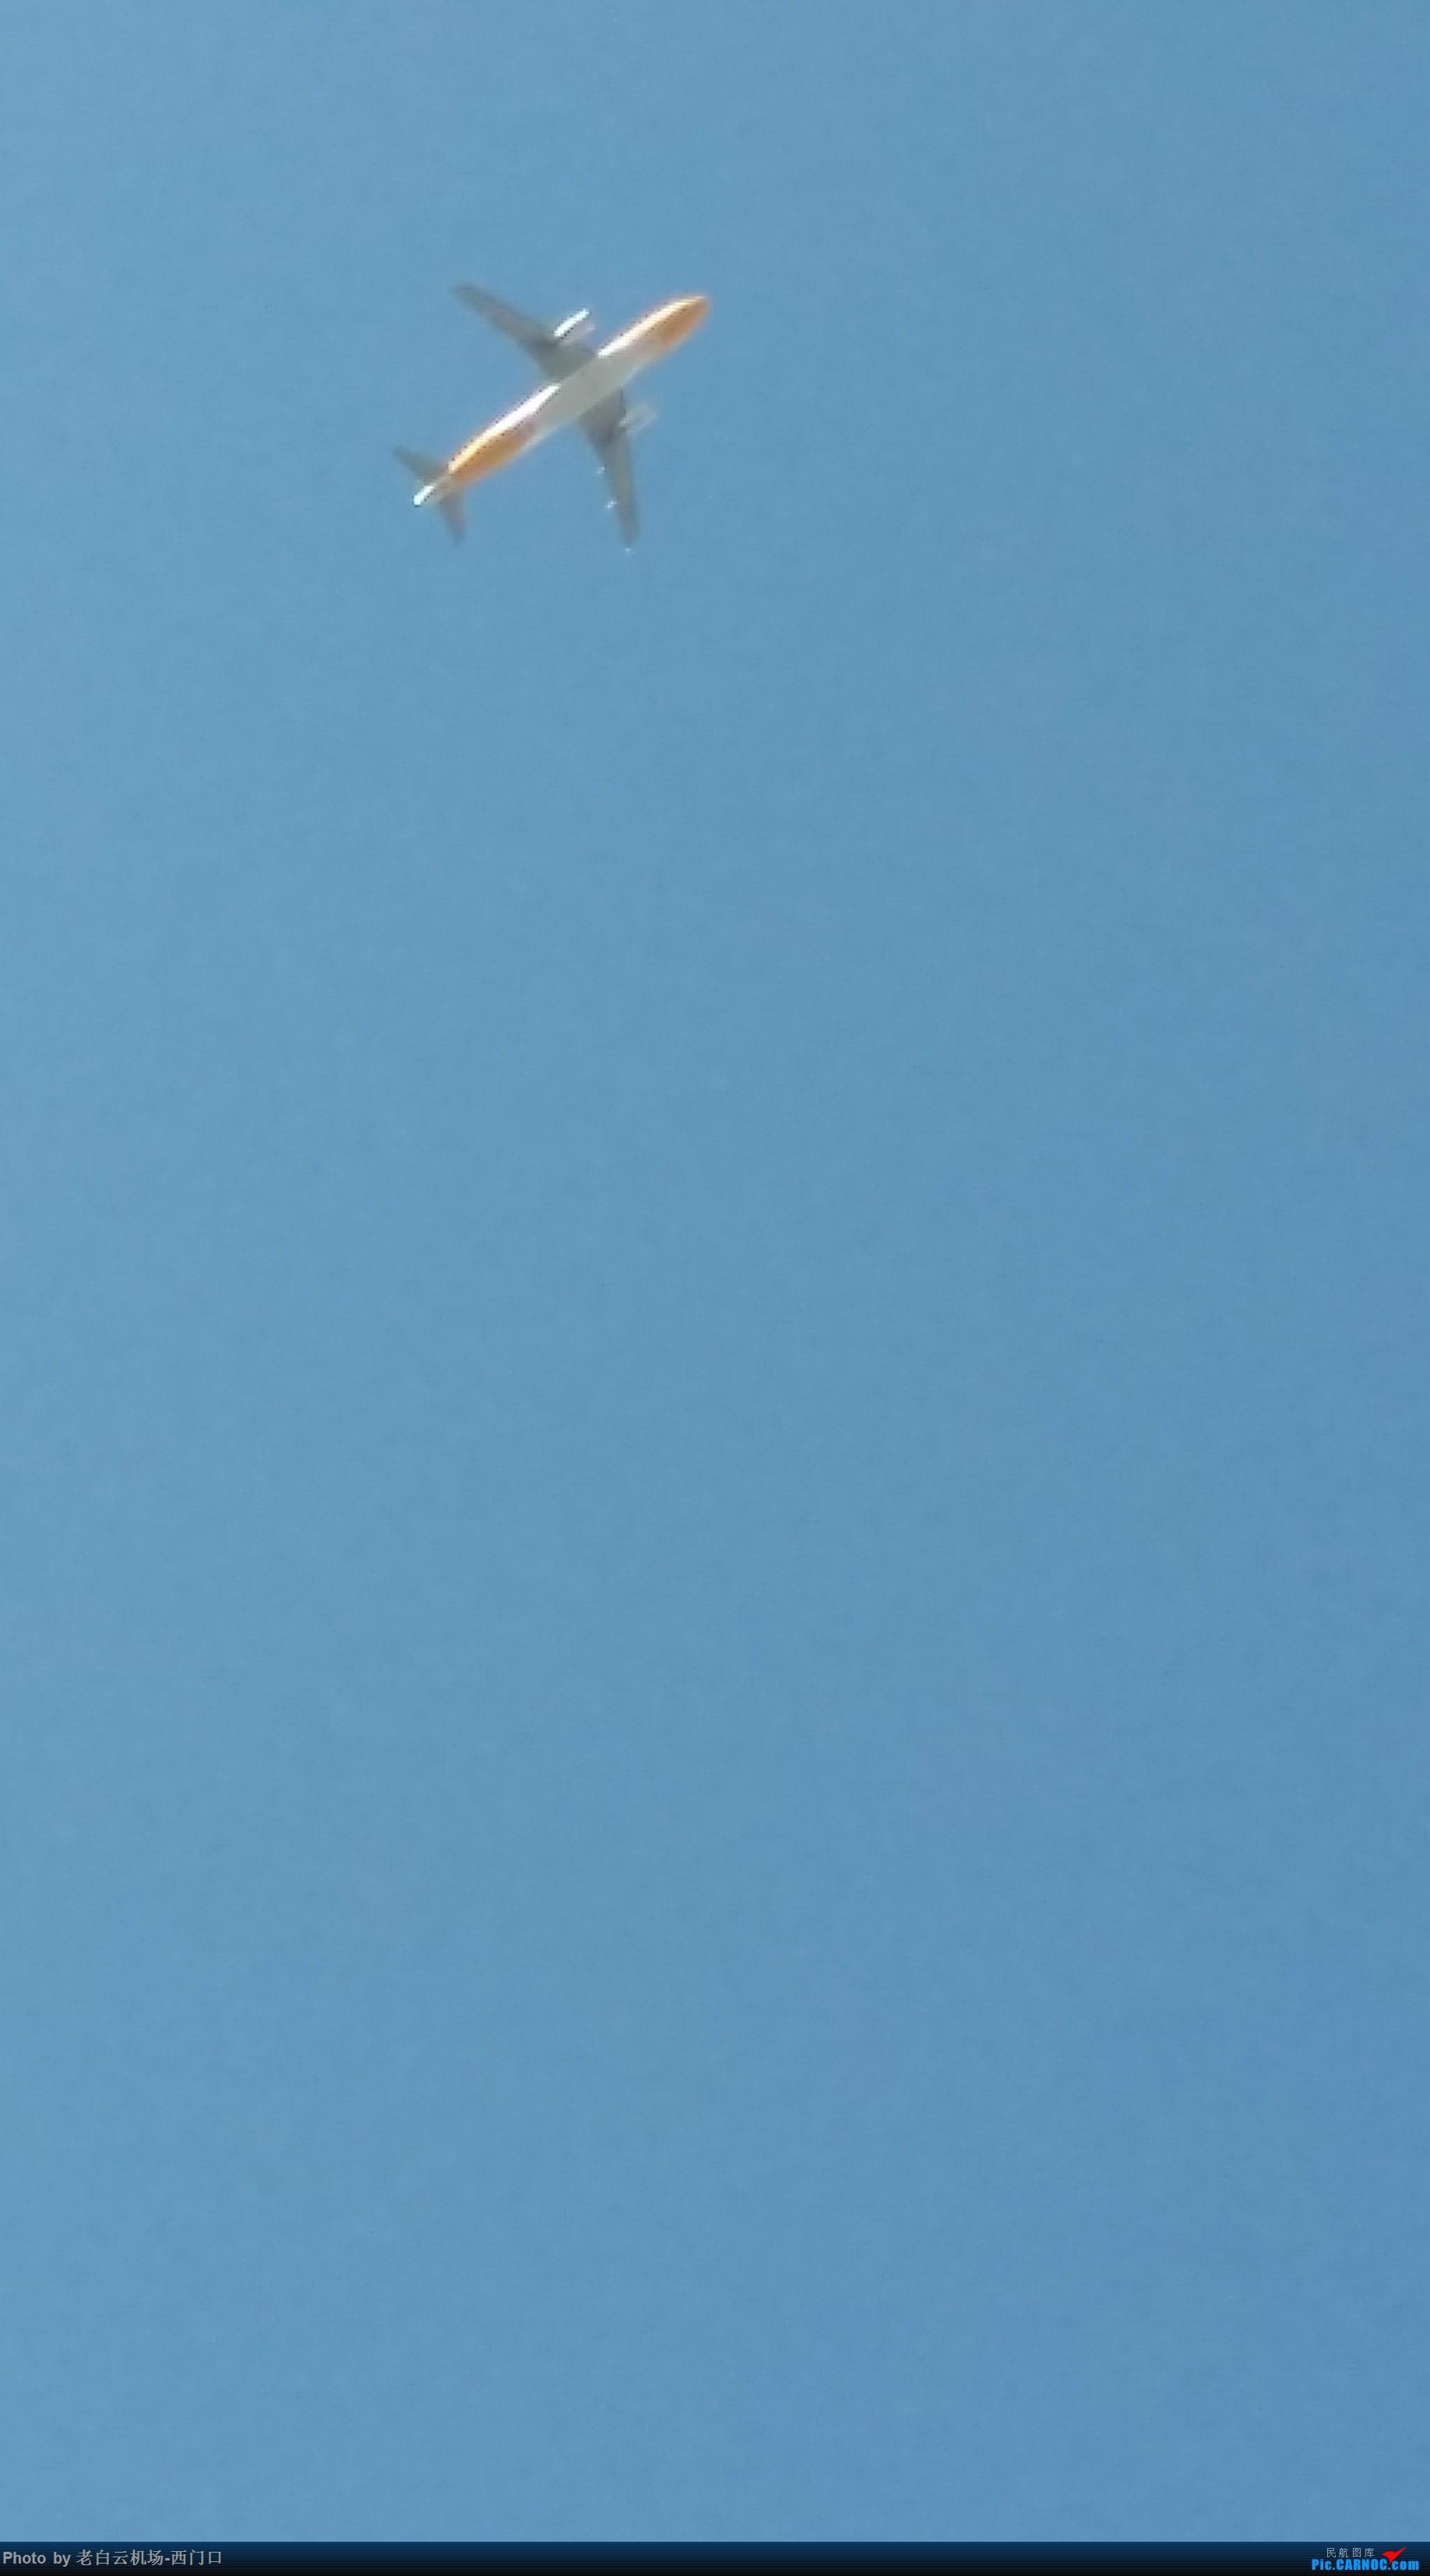 Re:[原创]【梁泽希拍机故事2】2018年第一次拍机 AIRBUS A320-200 不明 中国广东省广州市荔湾区四中聚贤中学上空